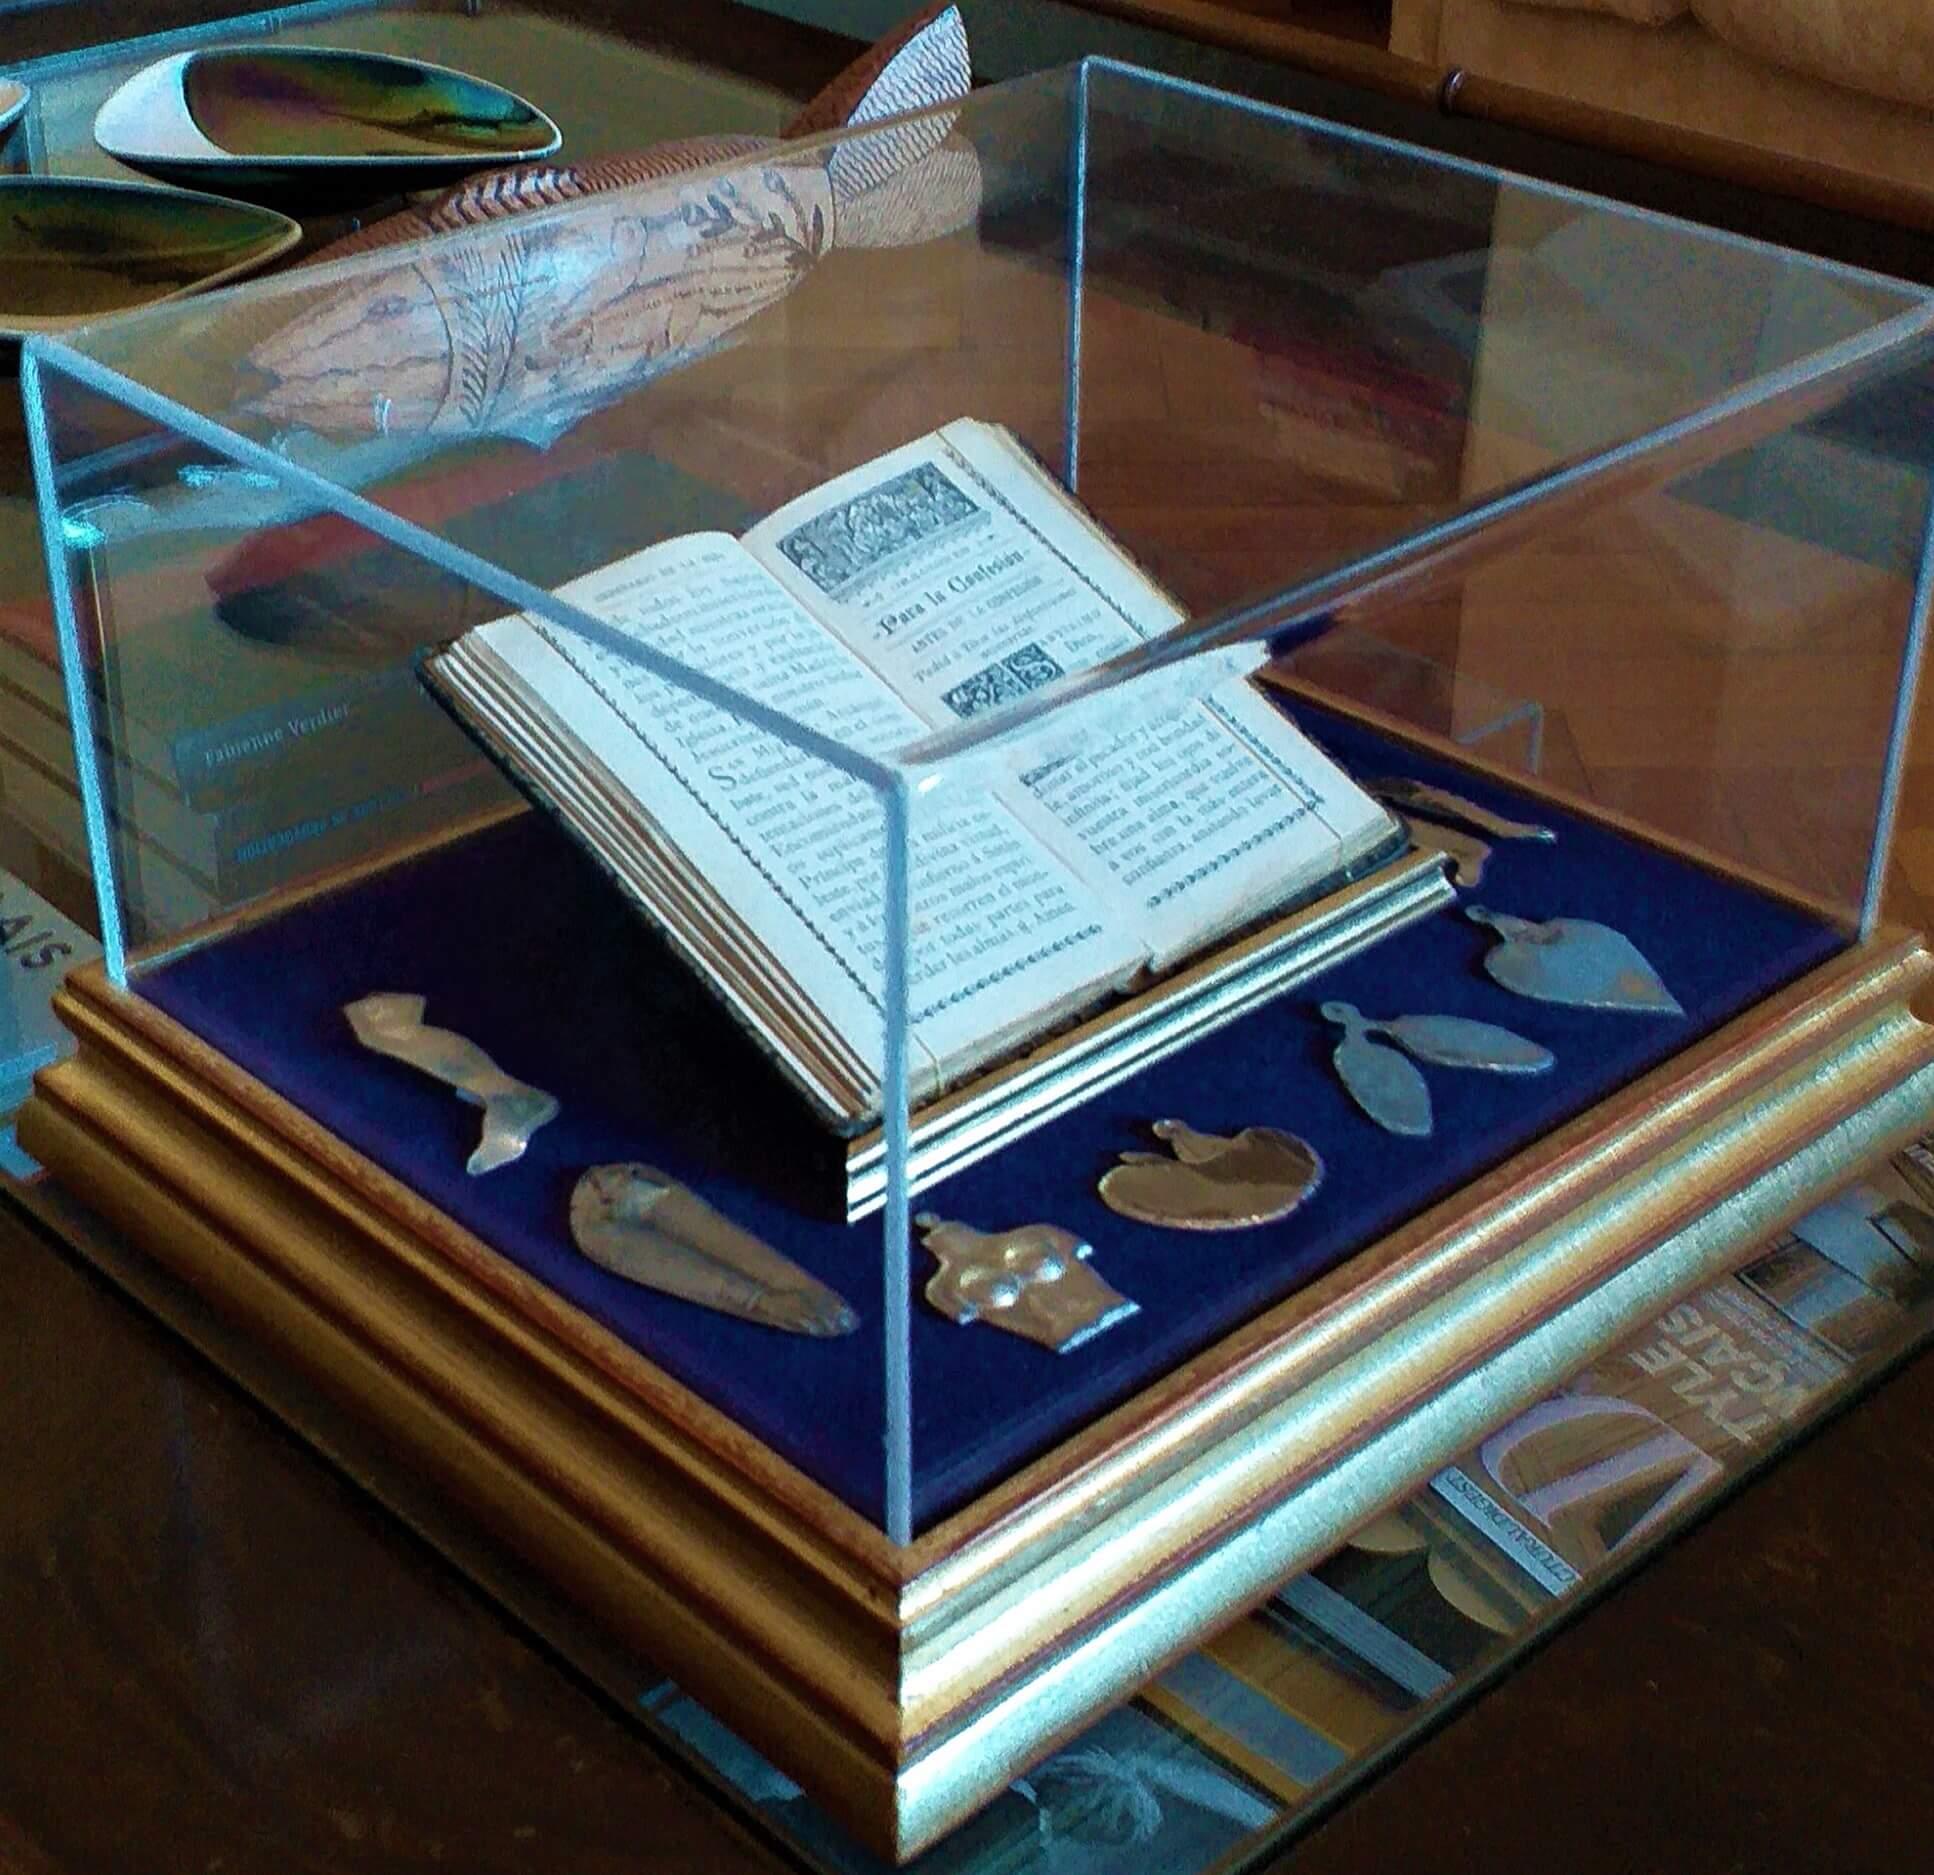 «¿Dónde empieza y termina el cuerpo? Notas sobre la letra y la carne » caja de madera con tapa de acrílico transparente, forrada en terciopelo, misal antiguo y exvotos en plata y acero, 31 x 27 cm, 2020.